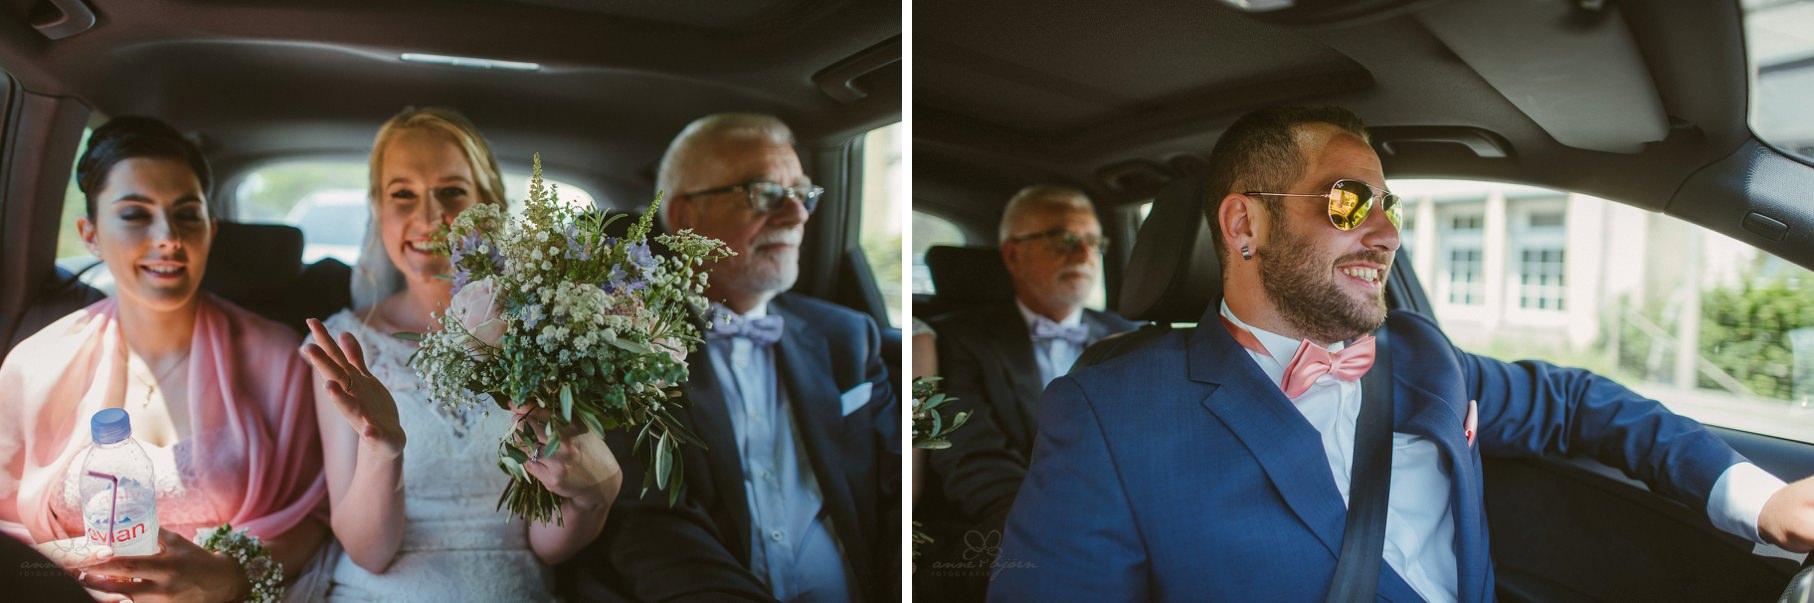 0034 anne und bjoern hochzeit schweiz d75 9867 - DIY Hochzeit in der Schweiz - Sabrina & Christoph